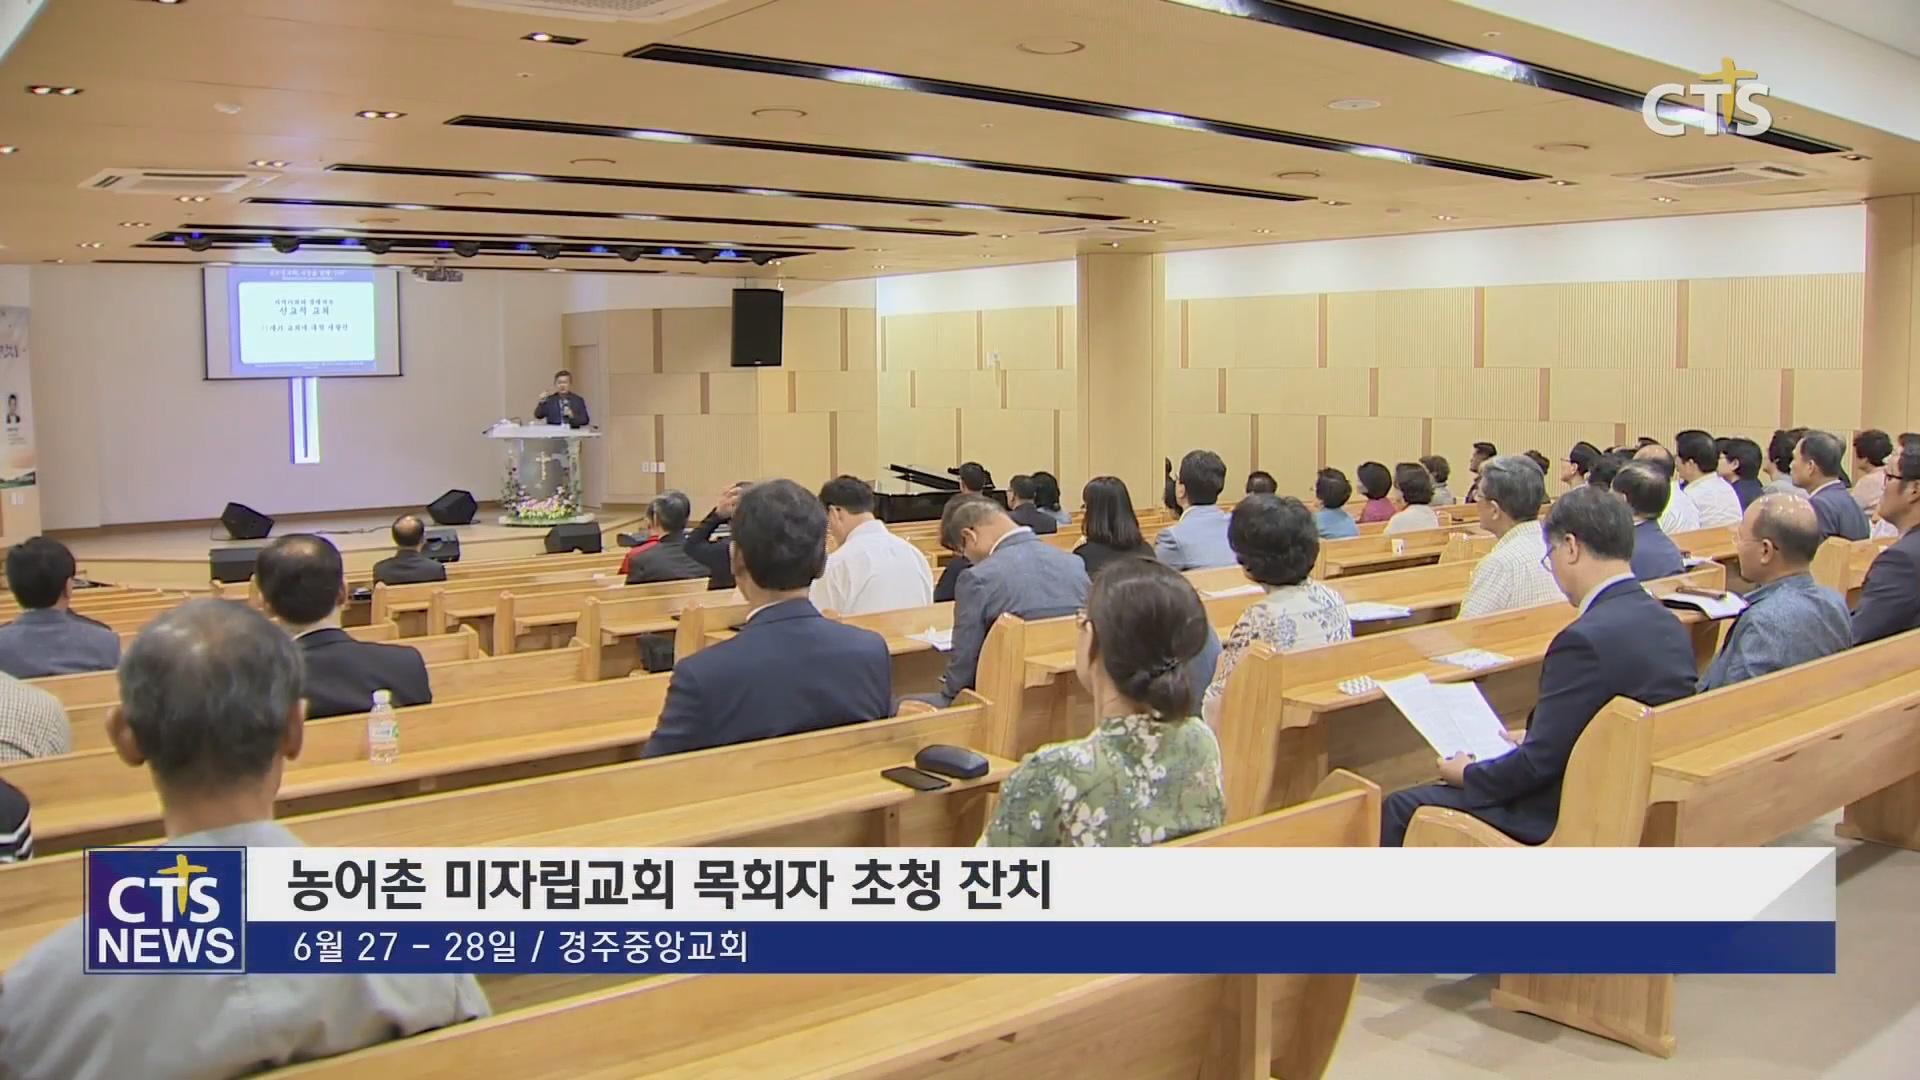 경주중앙교회 주최 '농어촌 미자립교회 목회자 초청 잔치'